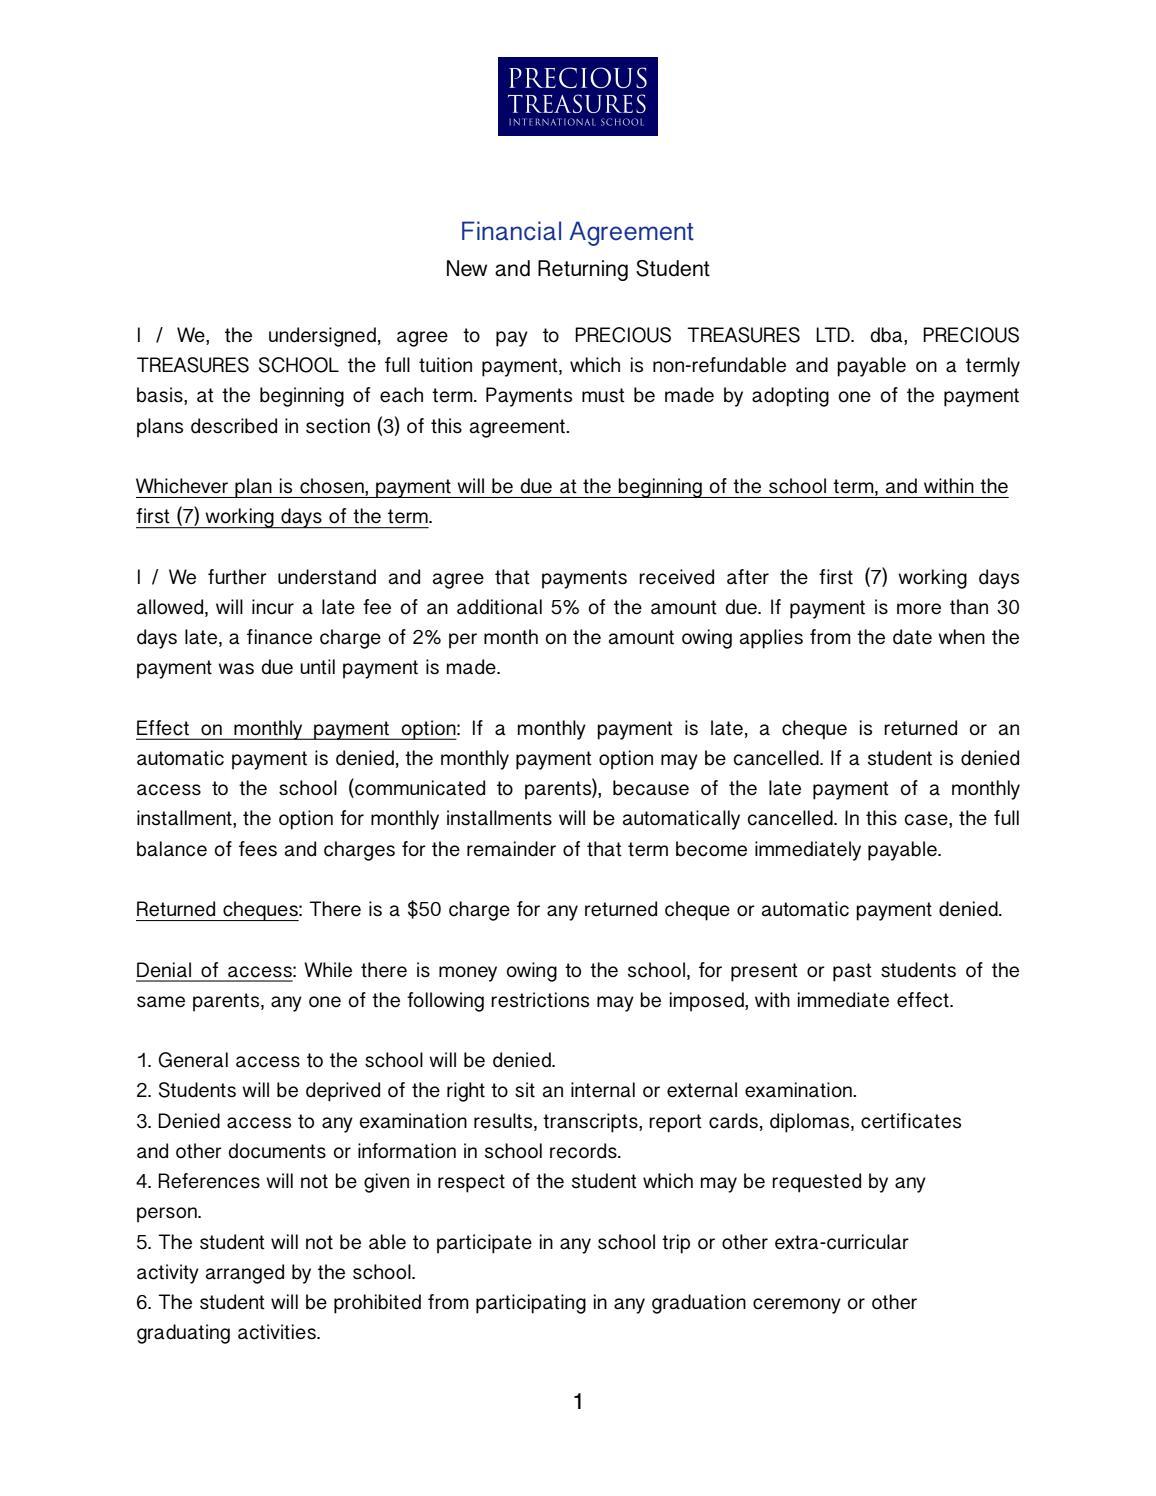 Financial Agreement By Precious Treasures International School Issuu